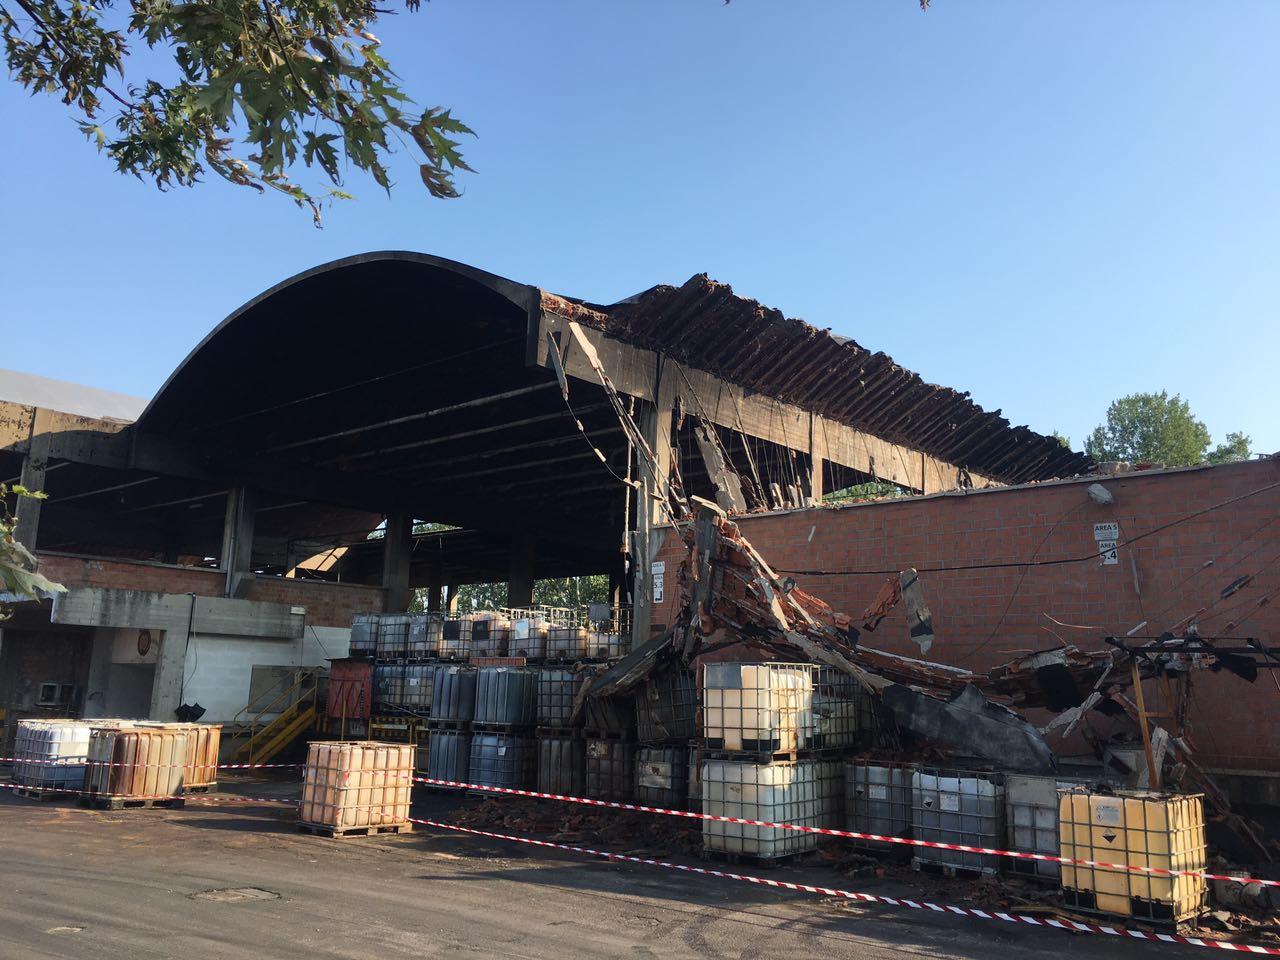 Collasso strutturale di un capannone industriale a causa di incendio